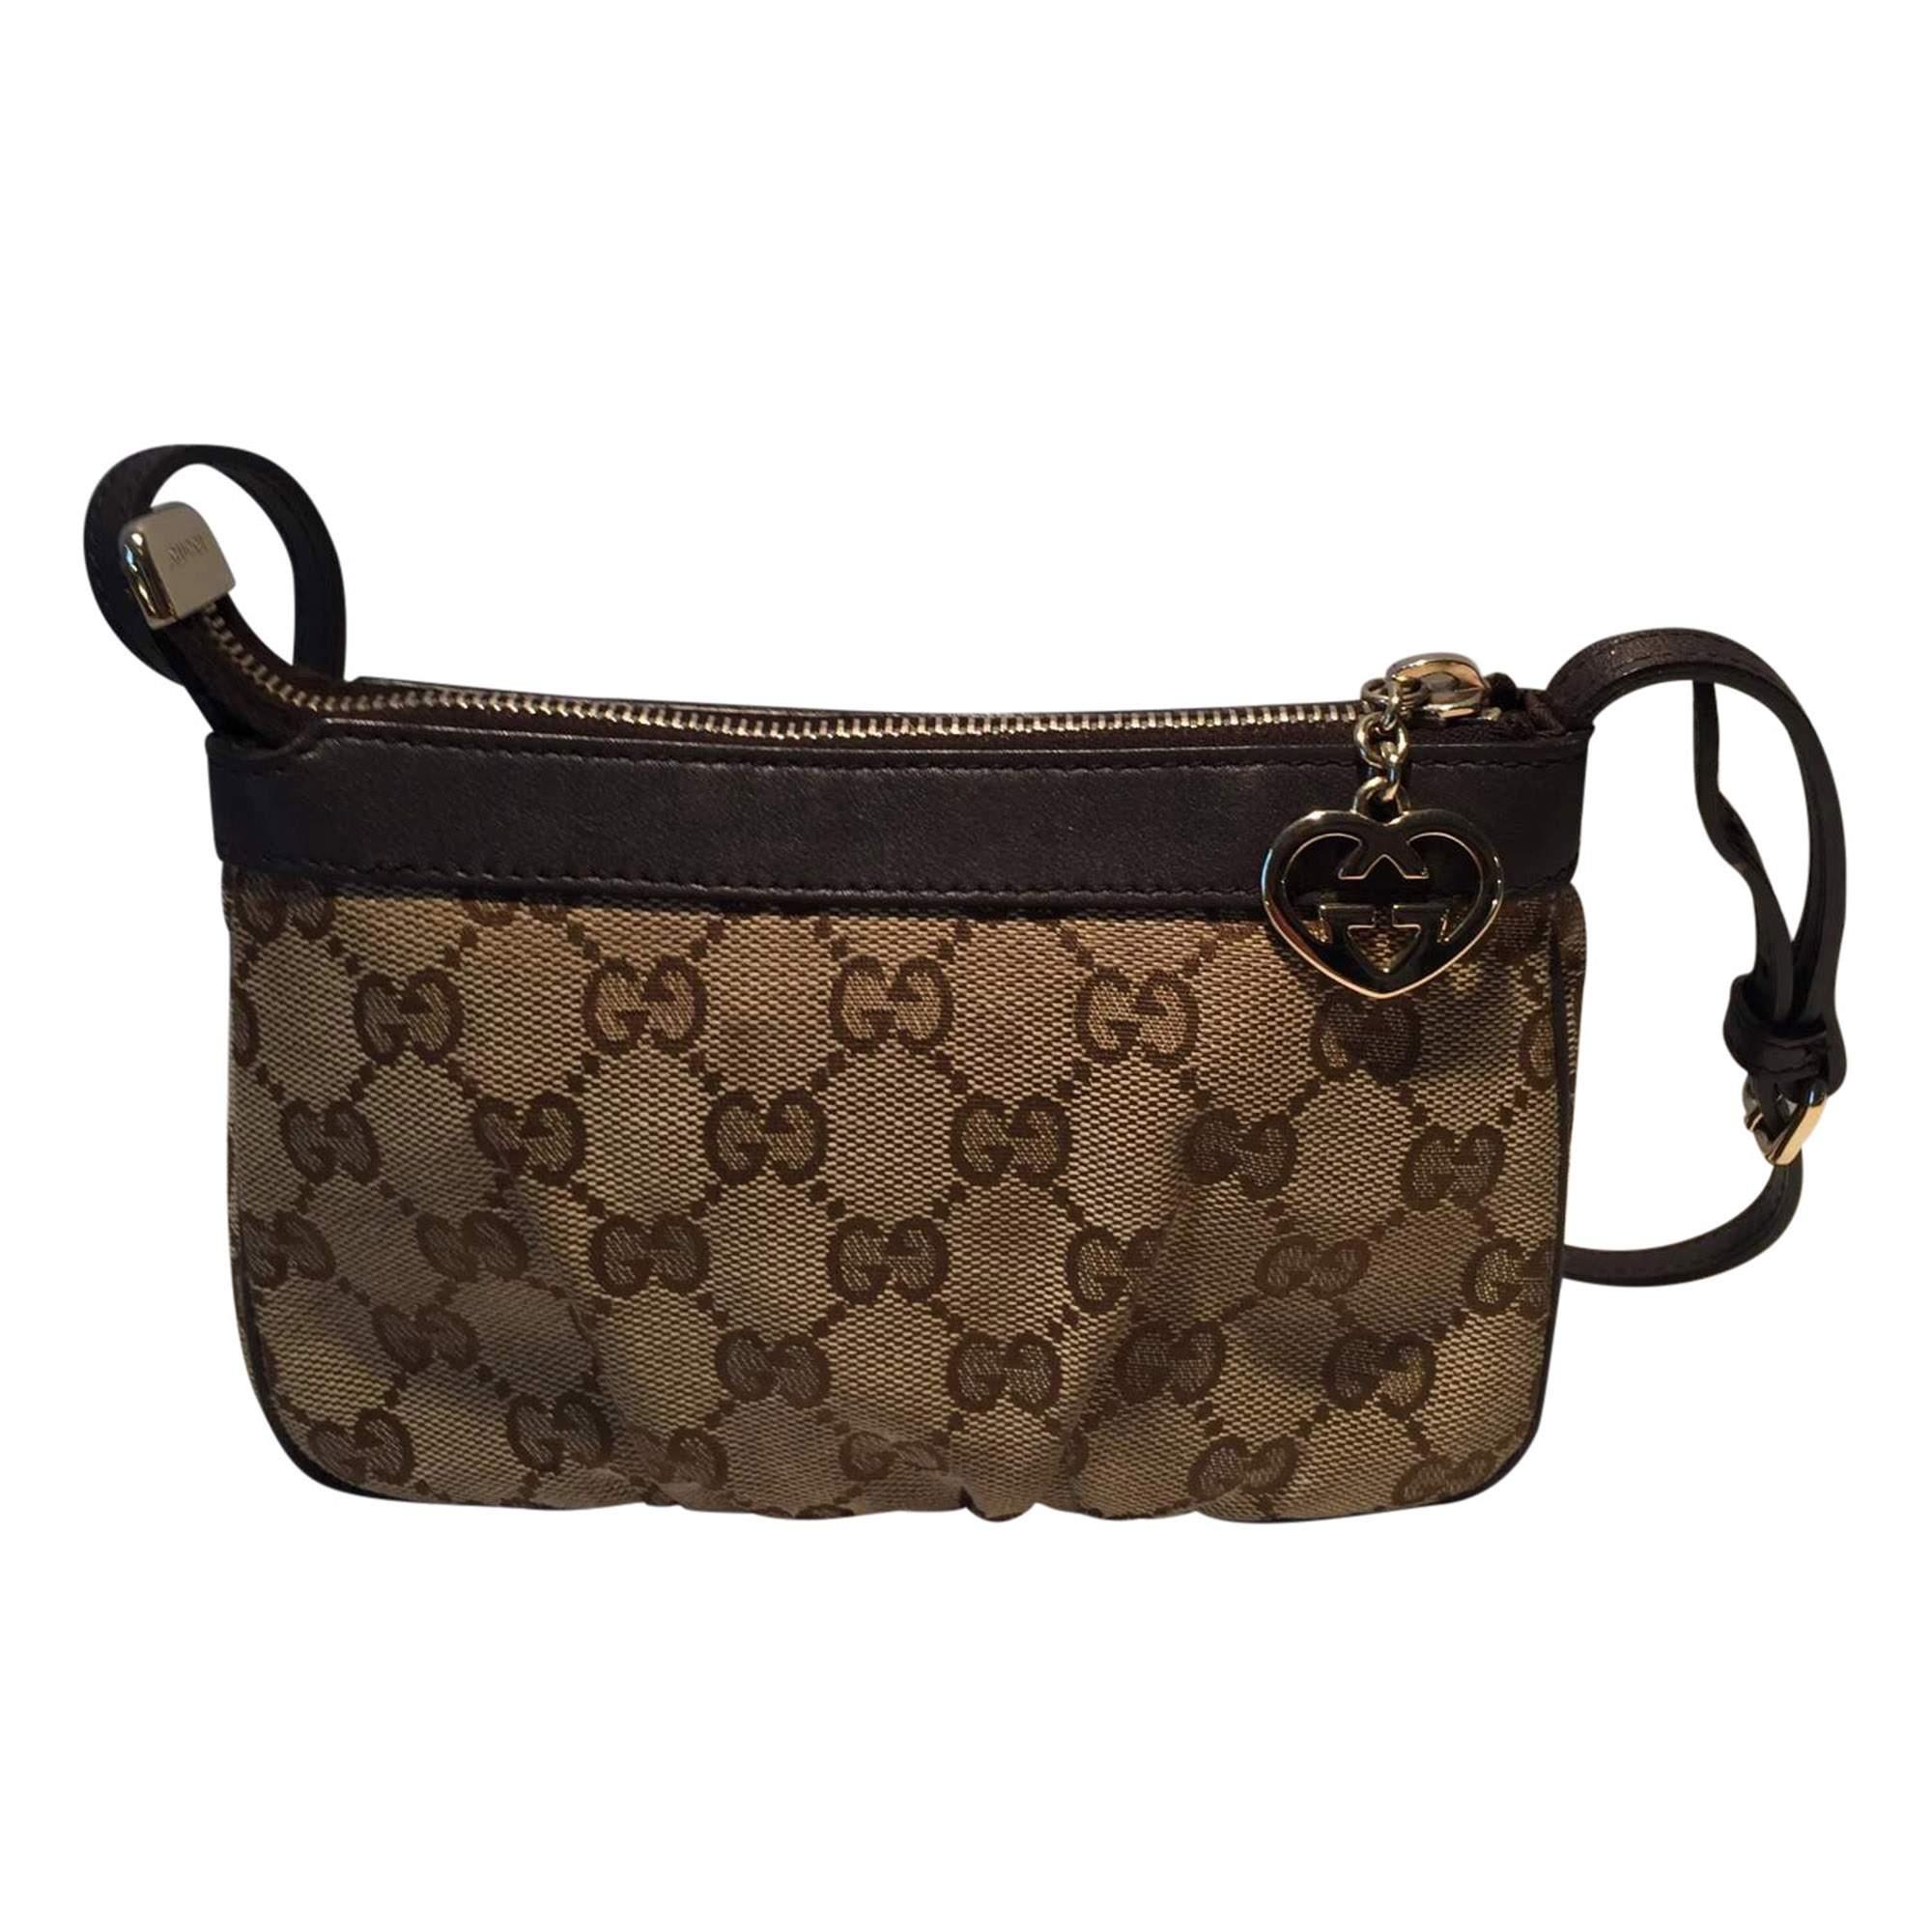 7cdfd6266c0 Gucci Small shoulder Bag